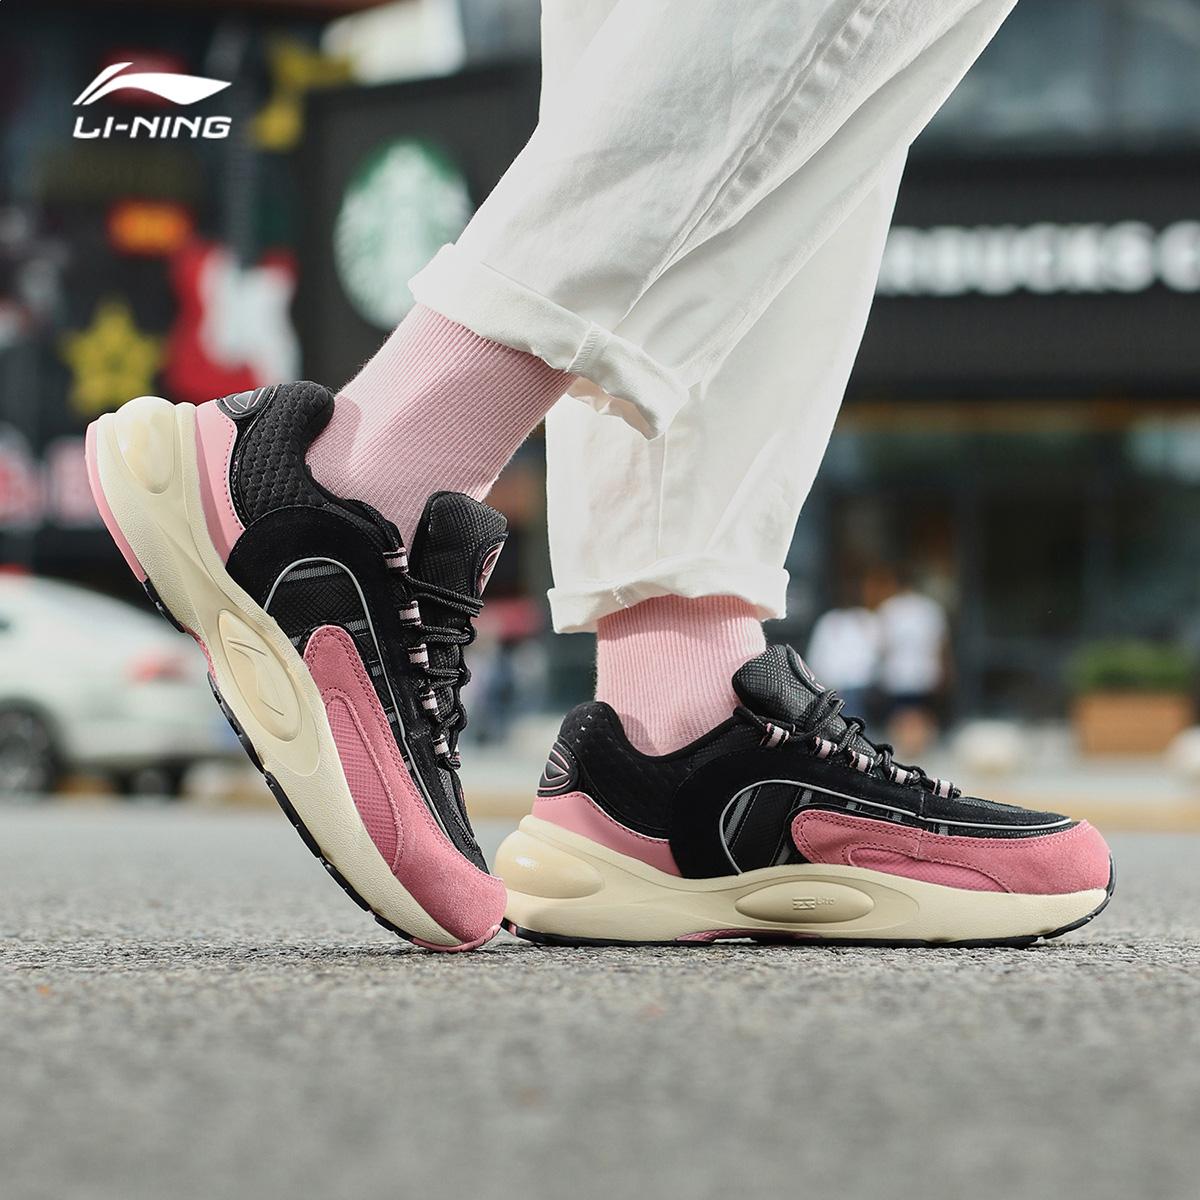 李宁跑步鞋女鞋2019新款V8减震轻质跑鞋休闲女士低帮运动鞋